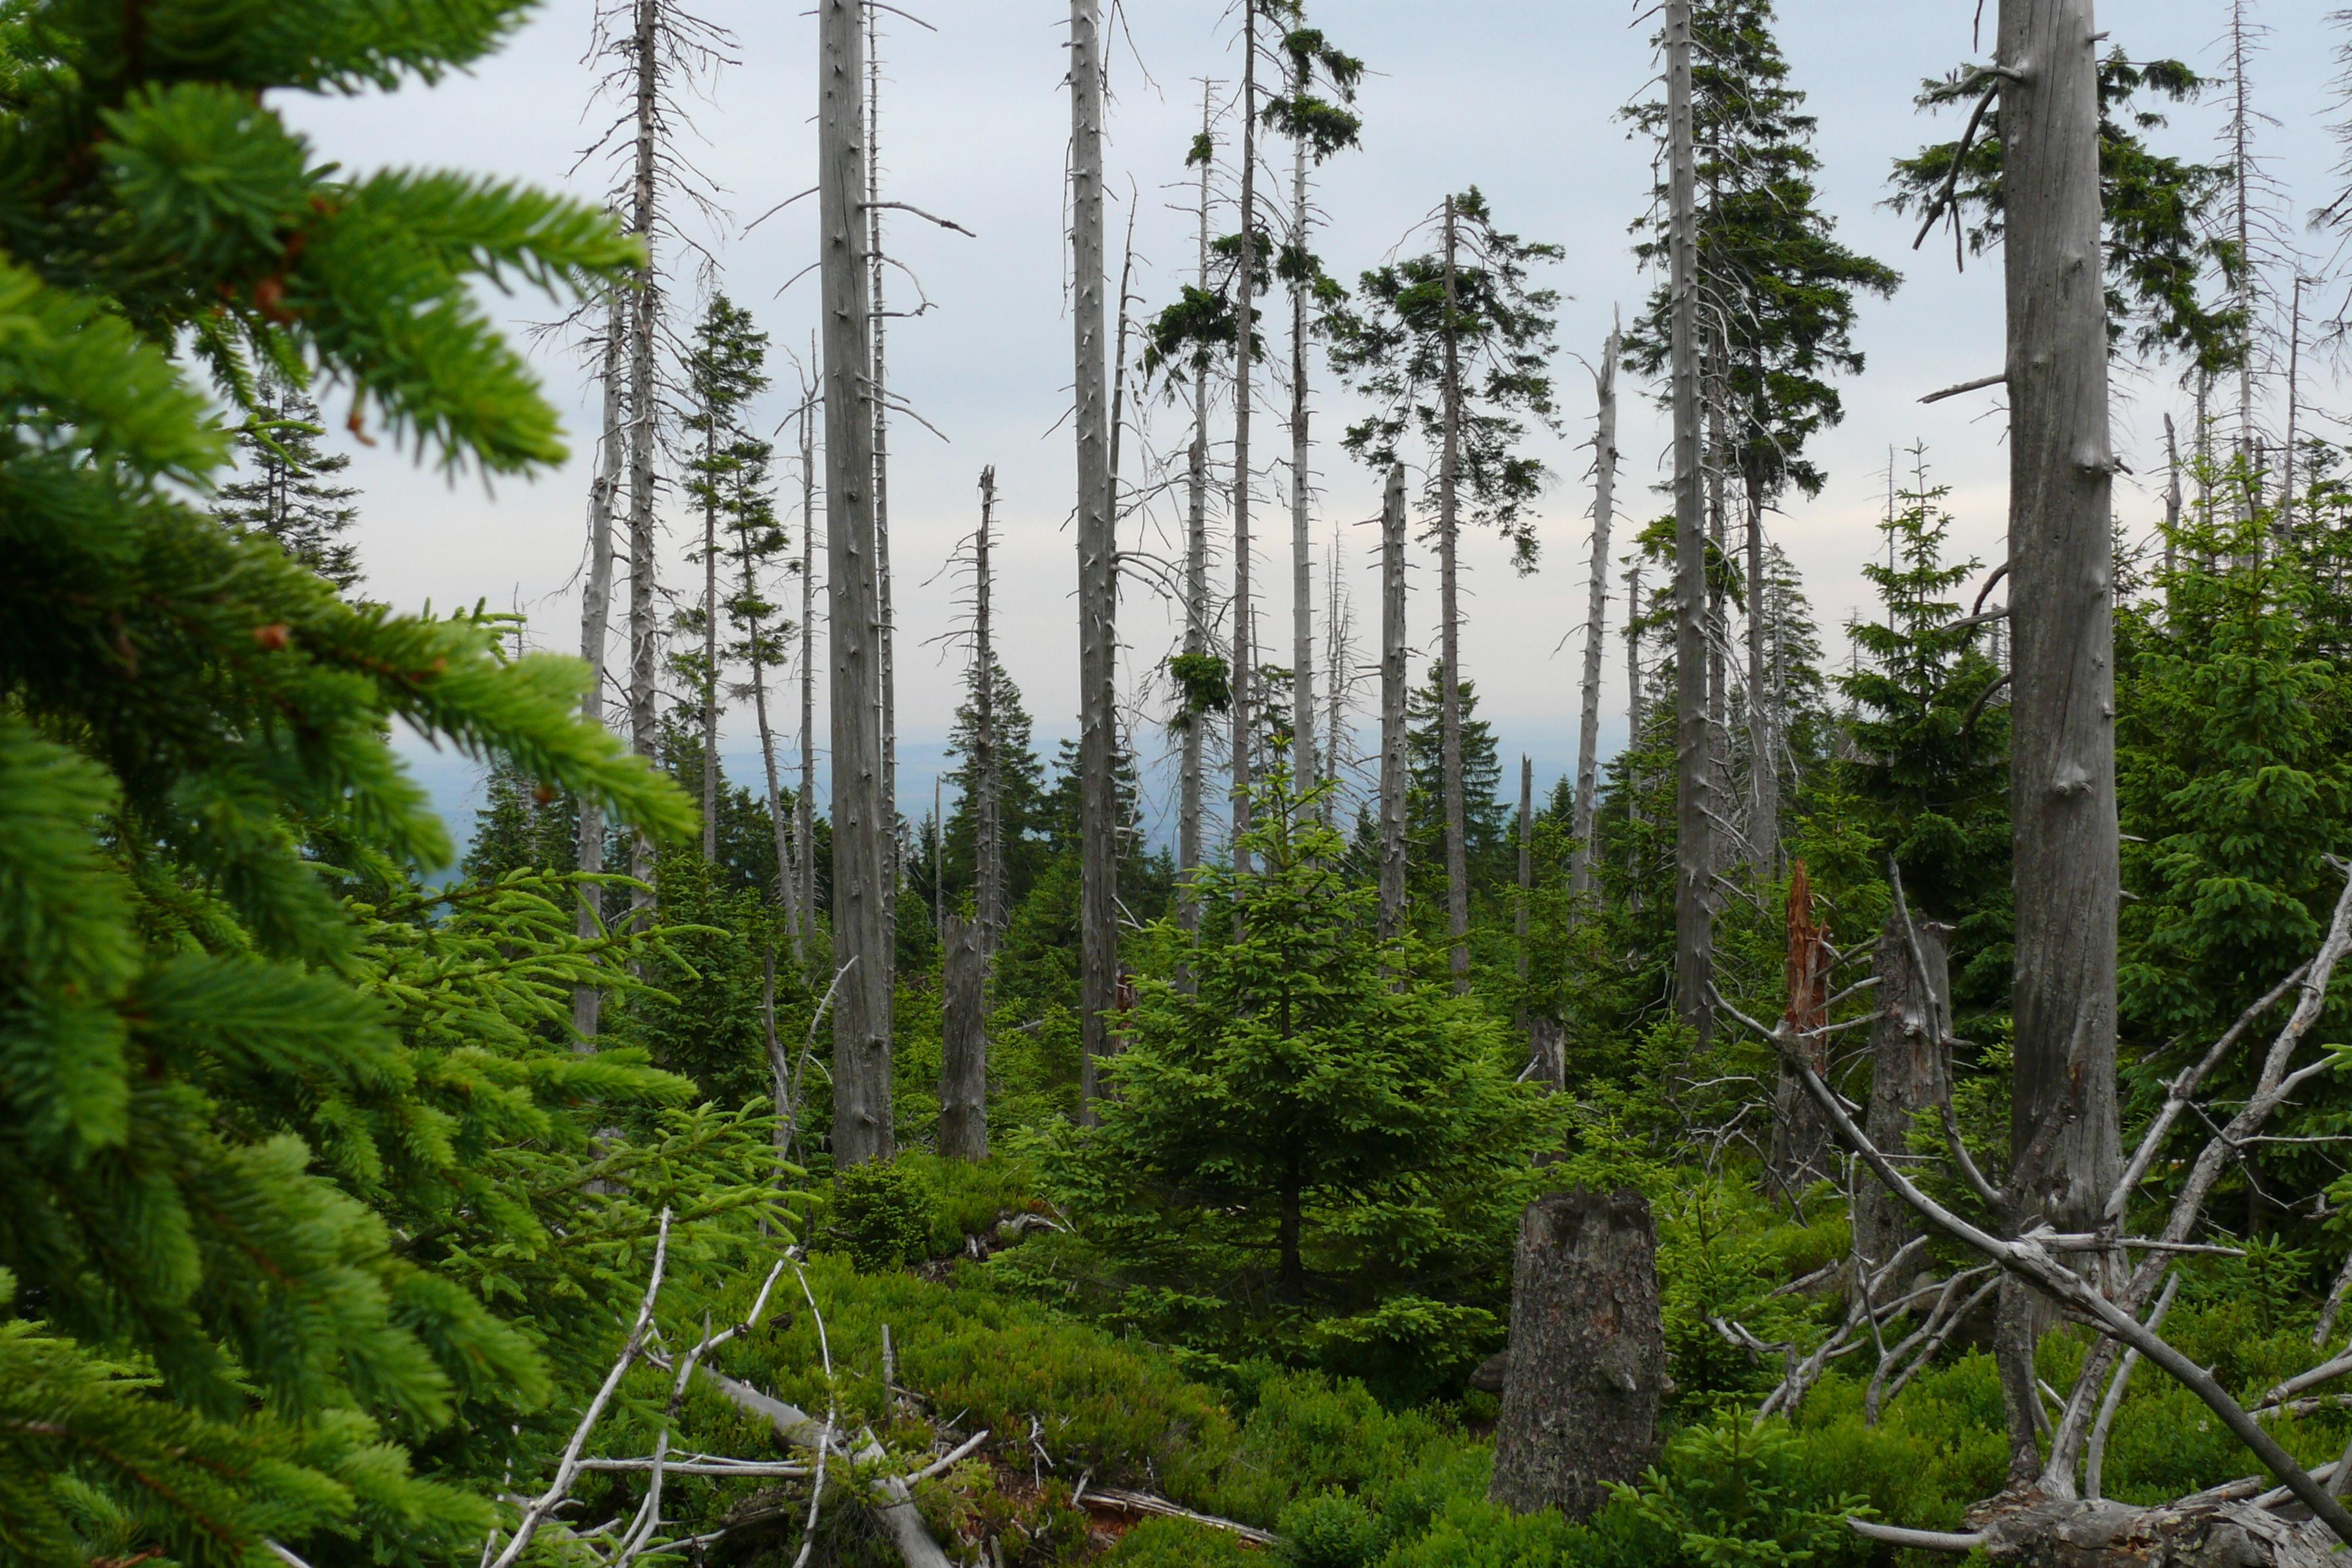 nationalpark harz zwischenbilanz zur naturwald entwicklung. Black Bedroom Furniture Sets. Home Design Ideas